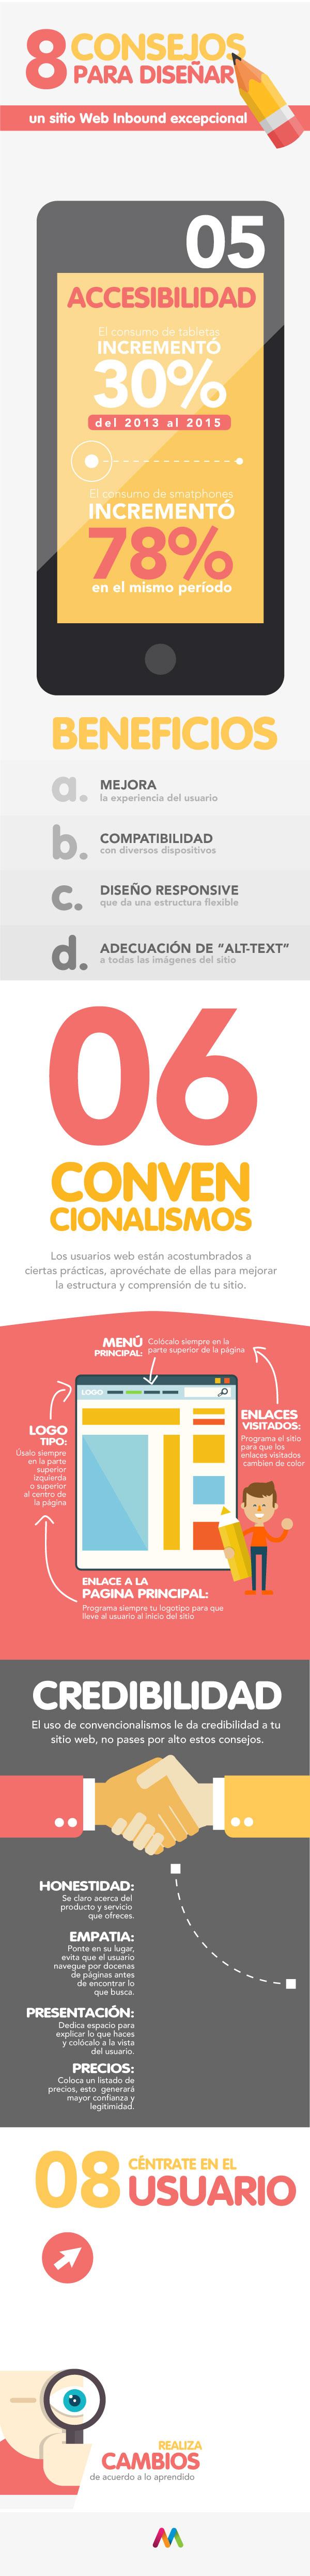 infografia_8consejos_2.jpg